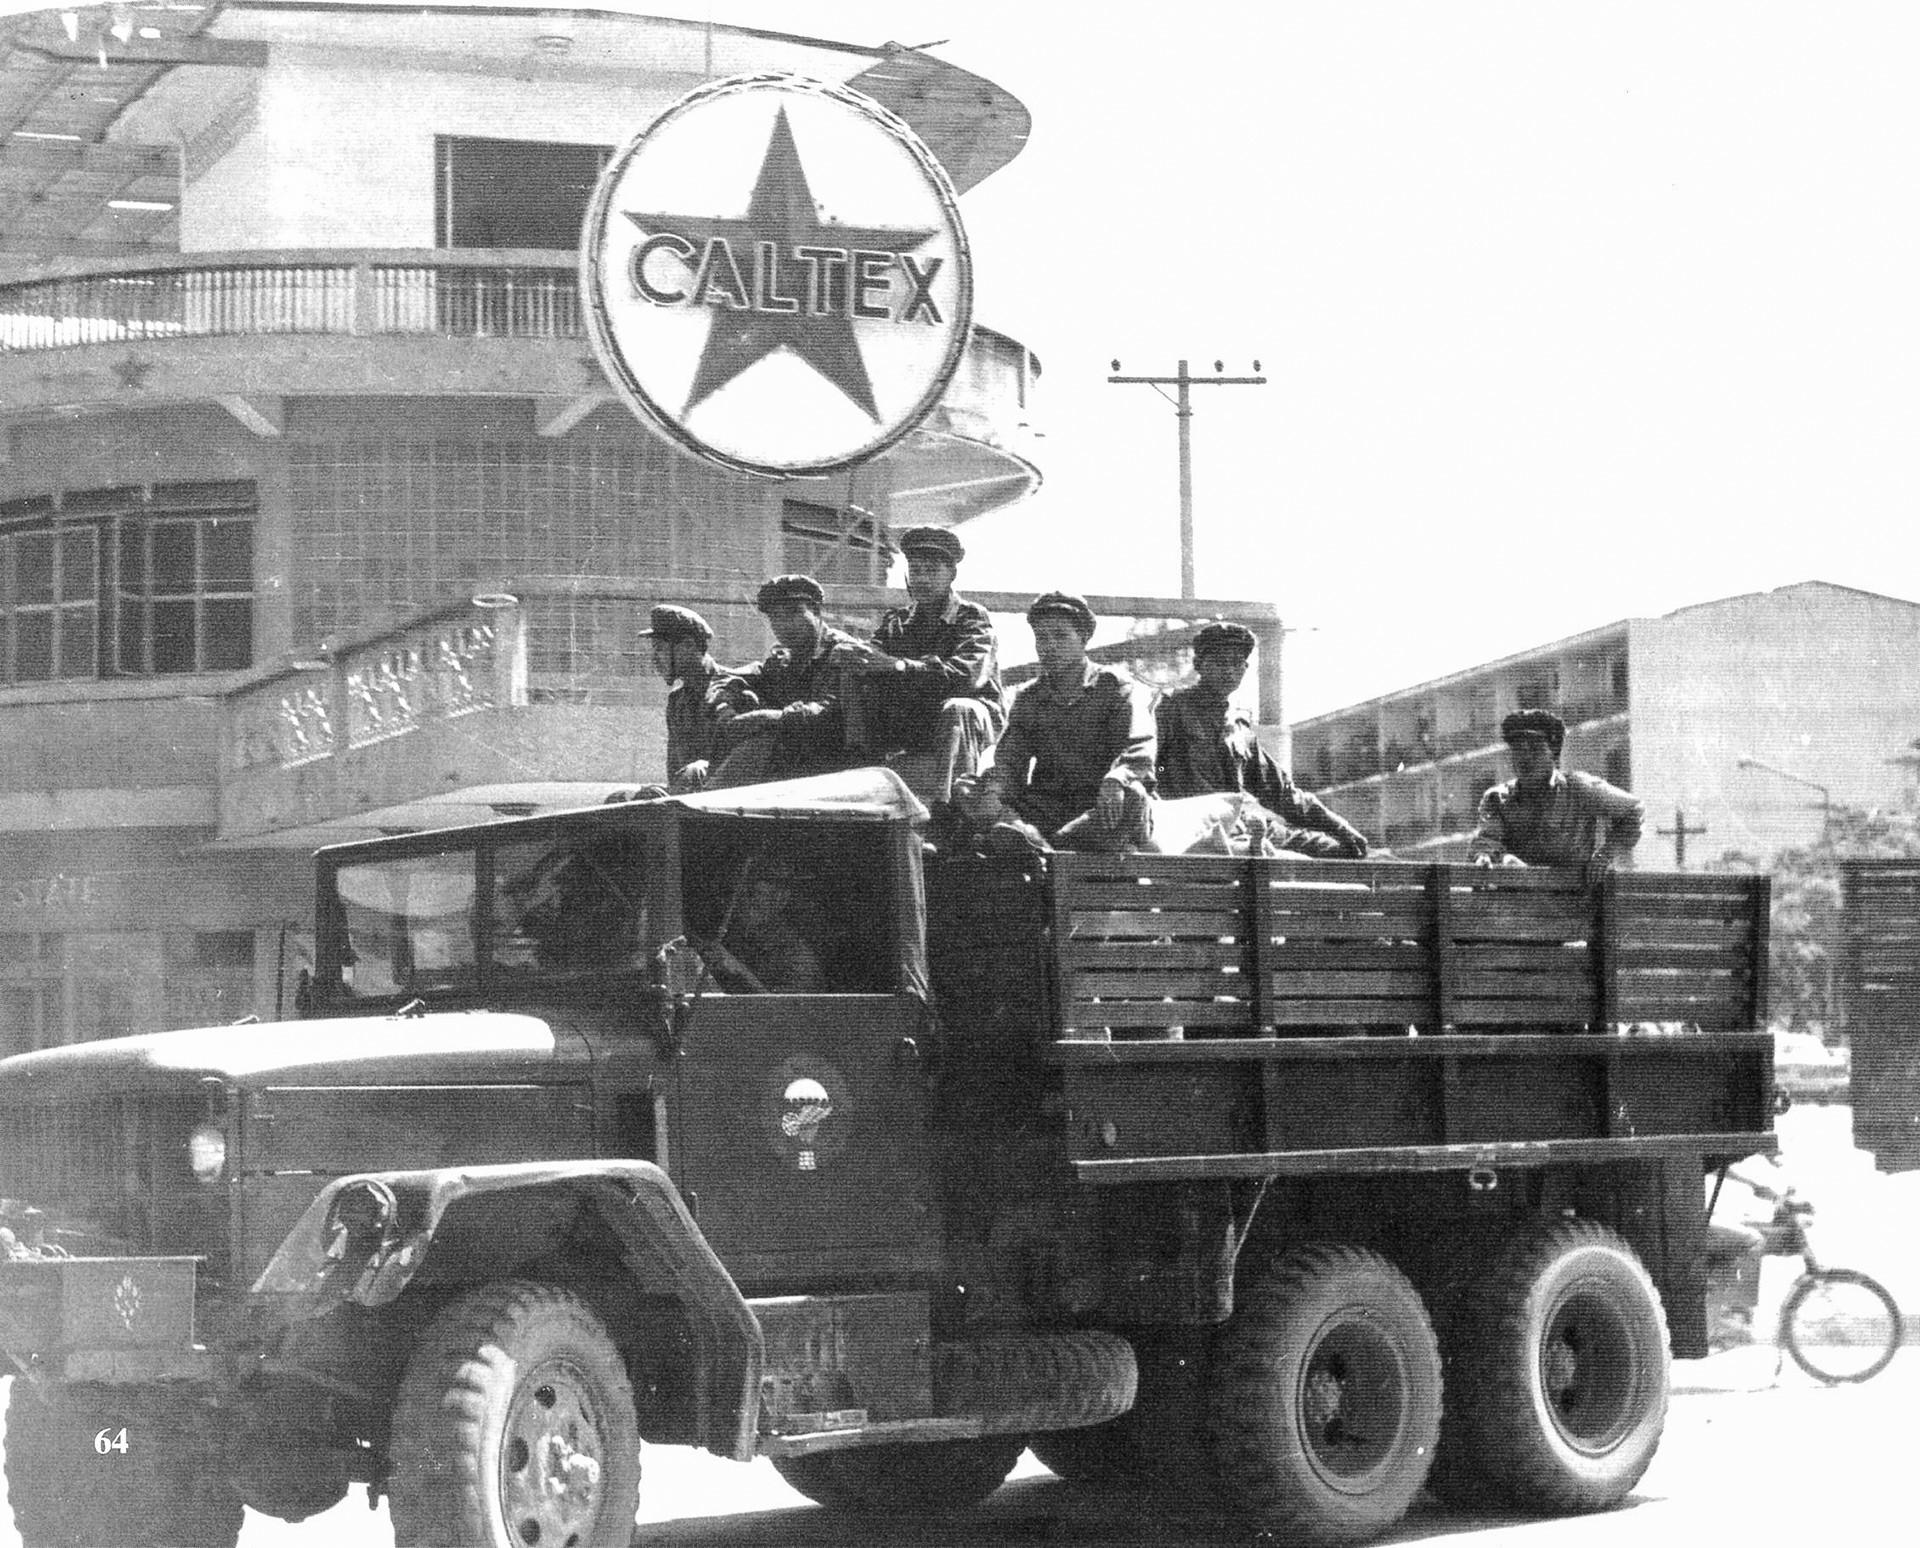 Borci socialističnega gibanja Pathet Lao v prestolnici Vientiane, Laos